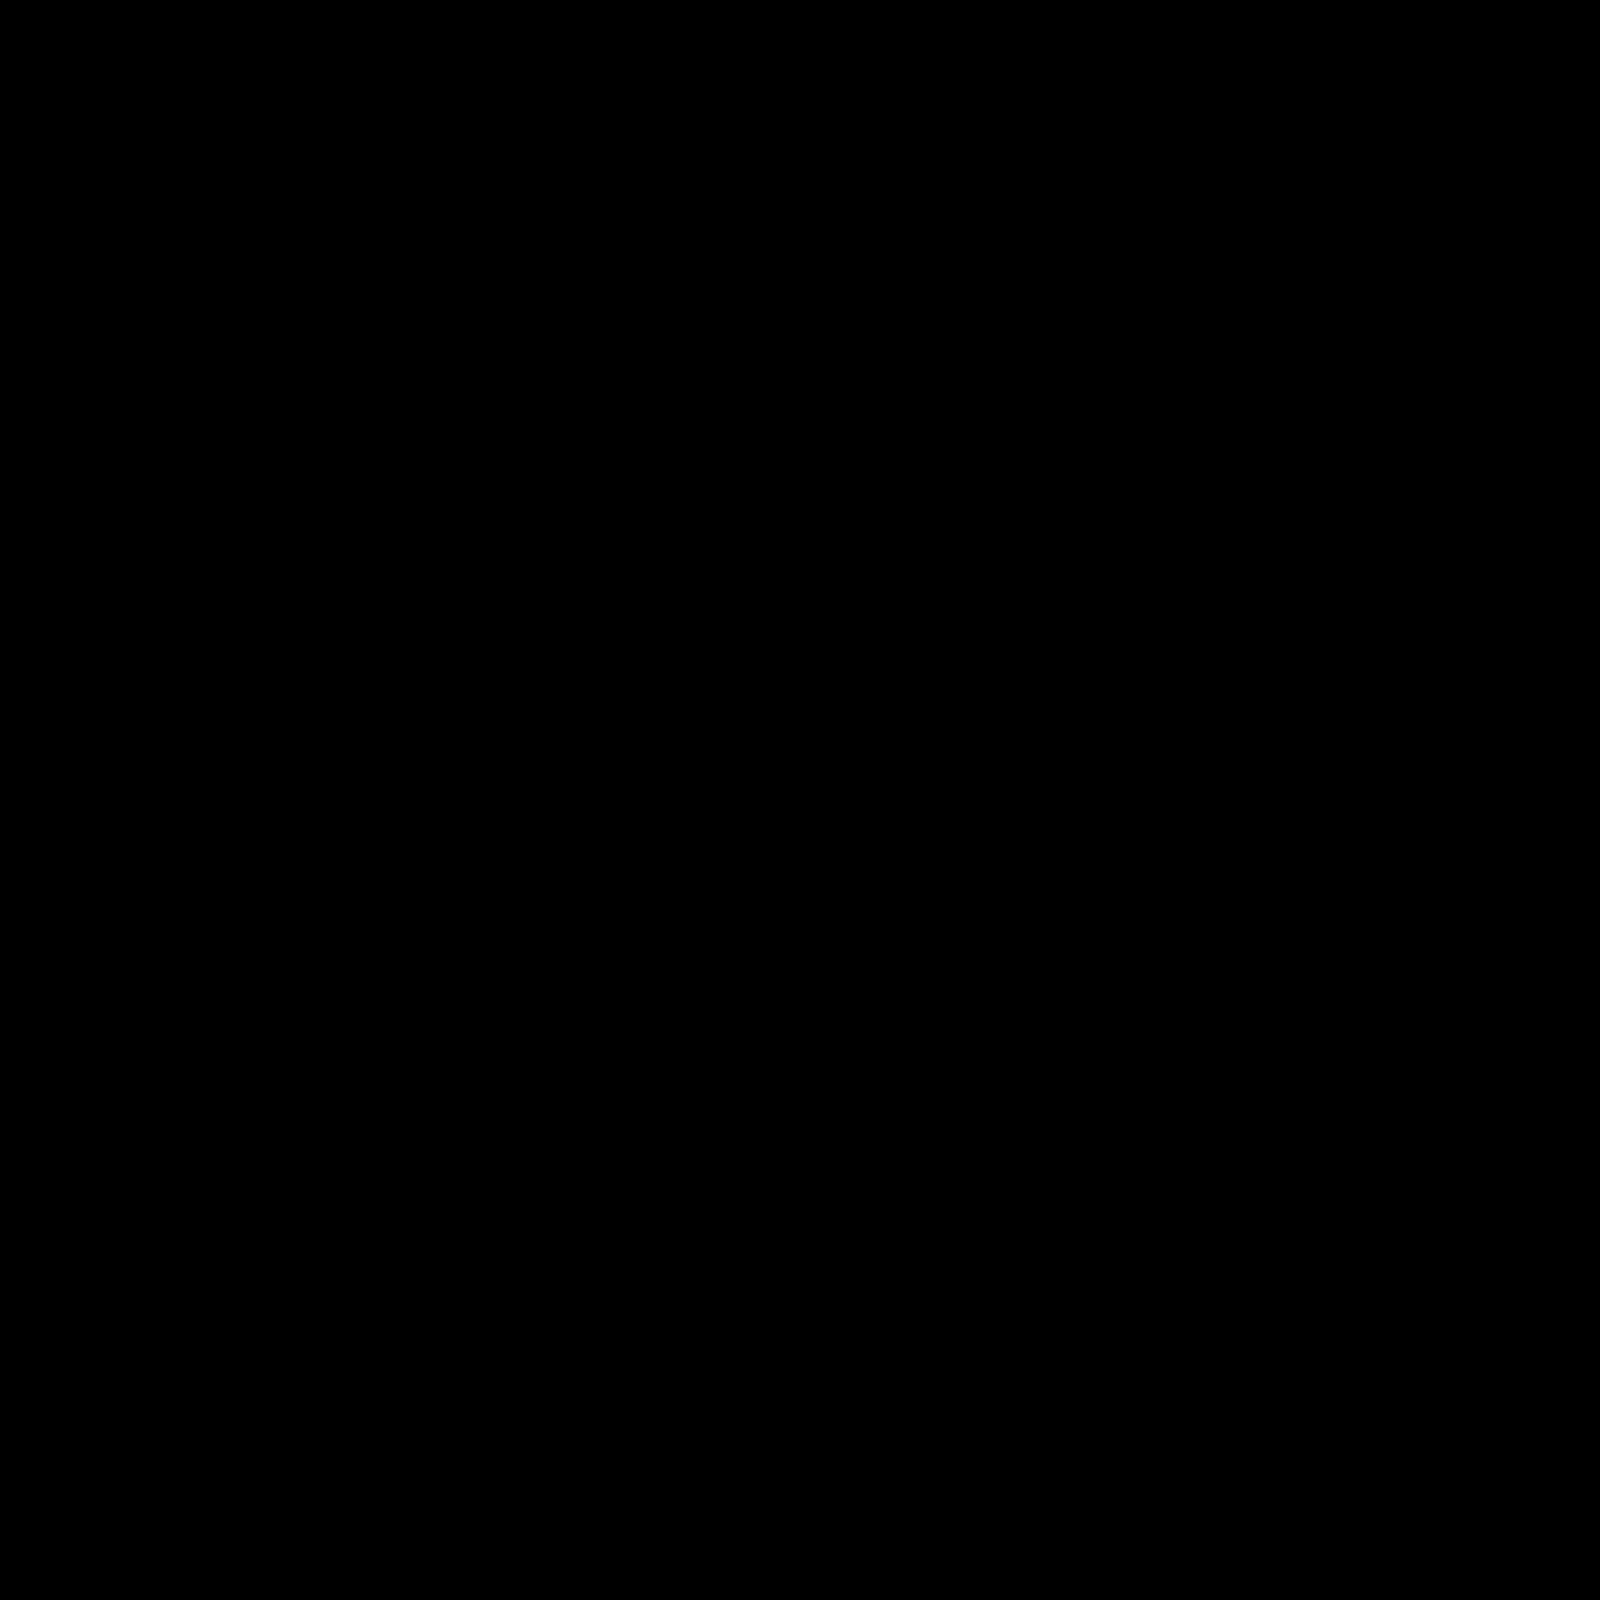 Database backup icon